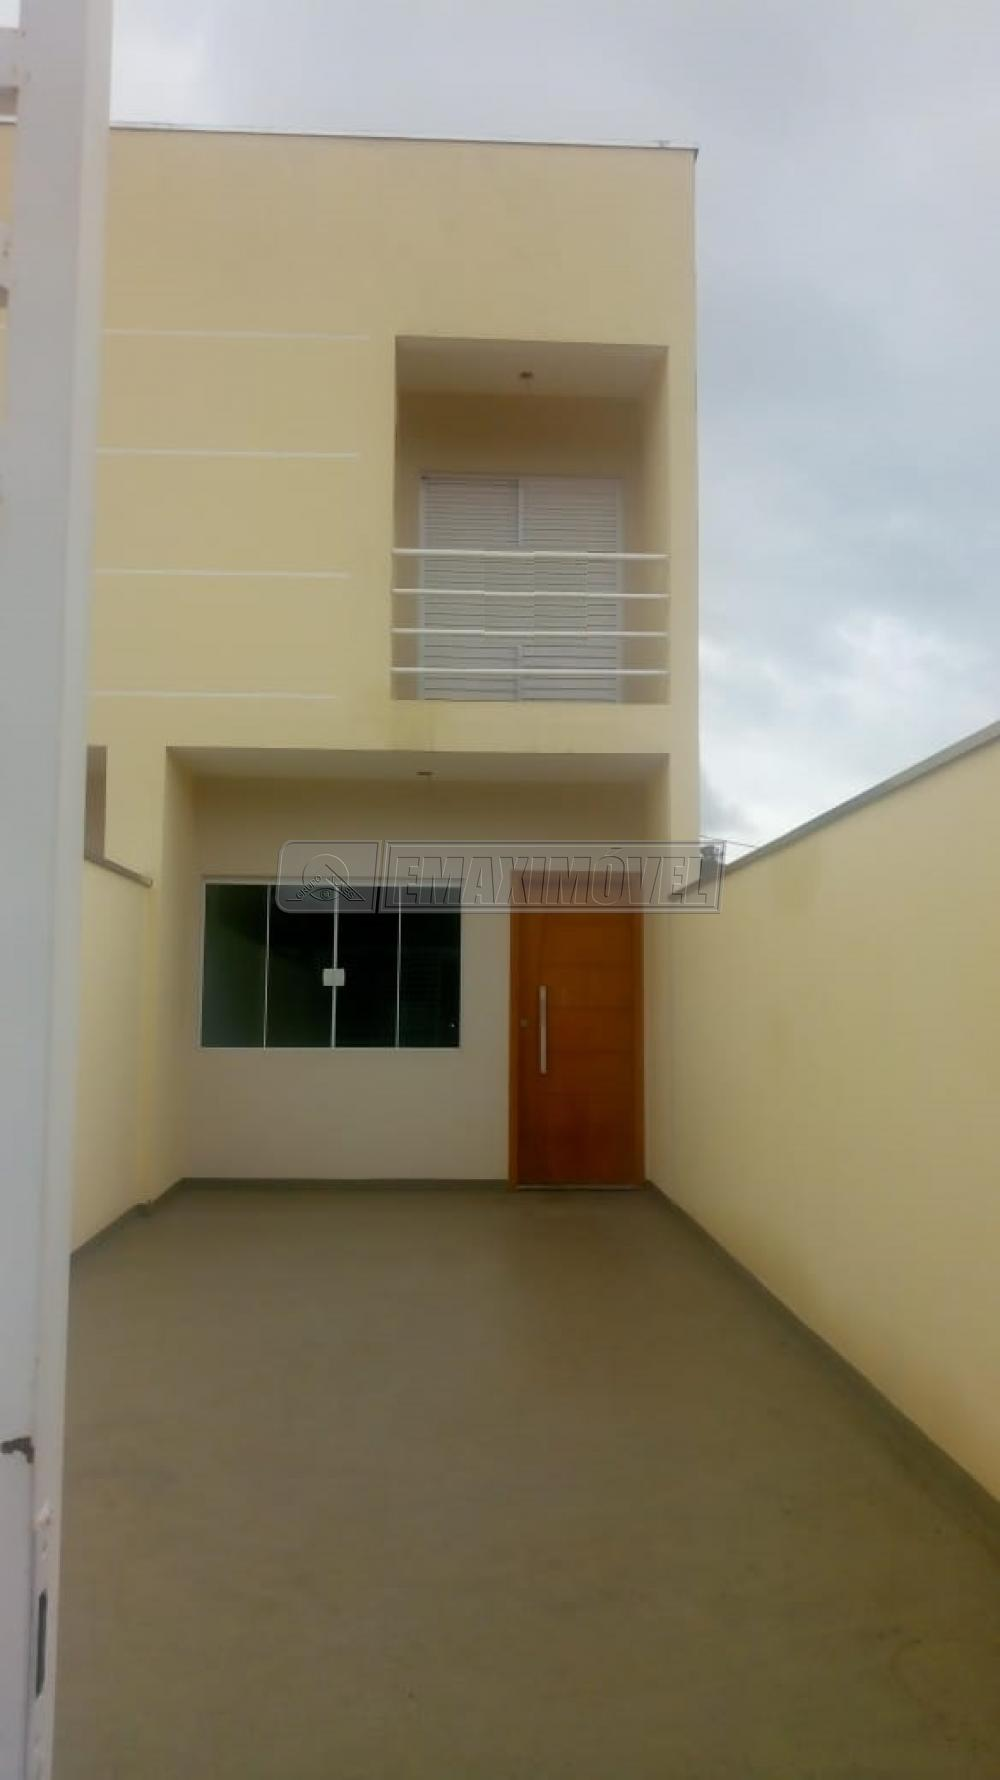 Comprar Casas / em Bairros em Sorocaba apenas R$ 240.000,00 - Foto 1